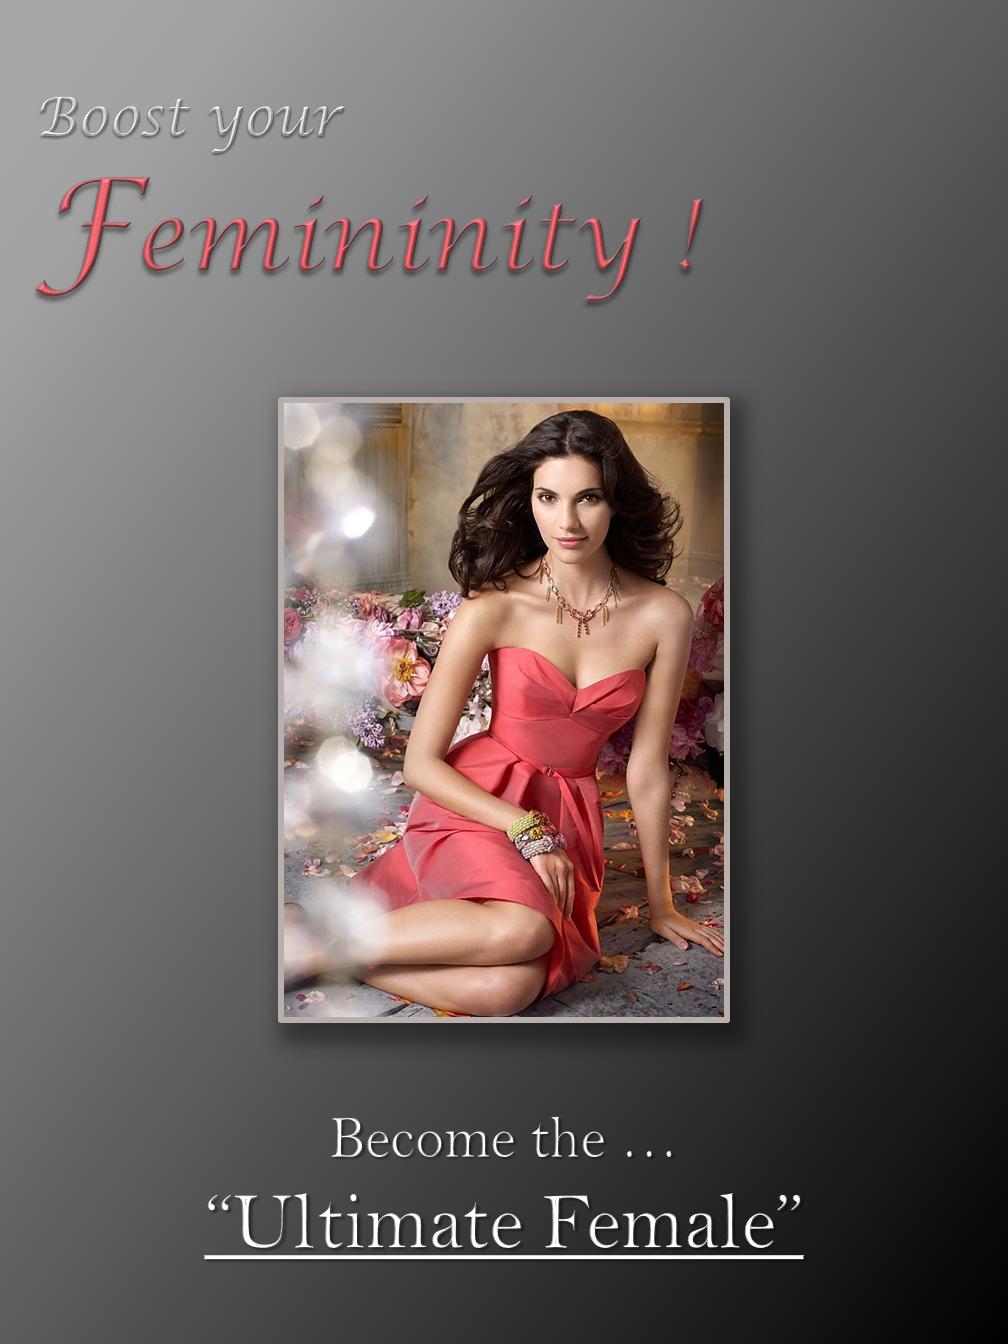 Femininity!